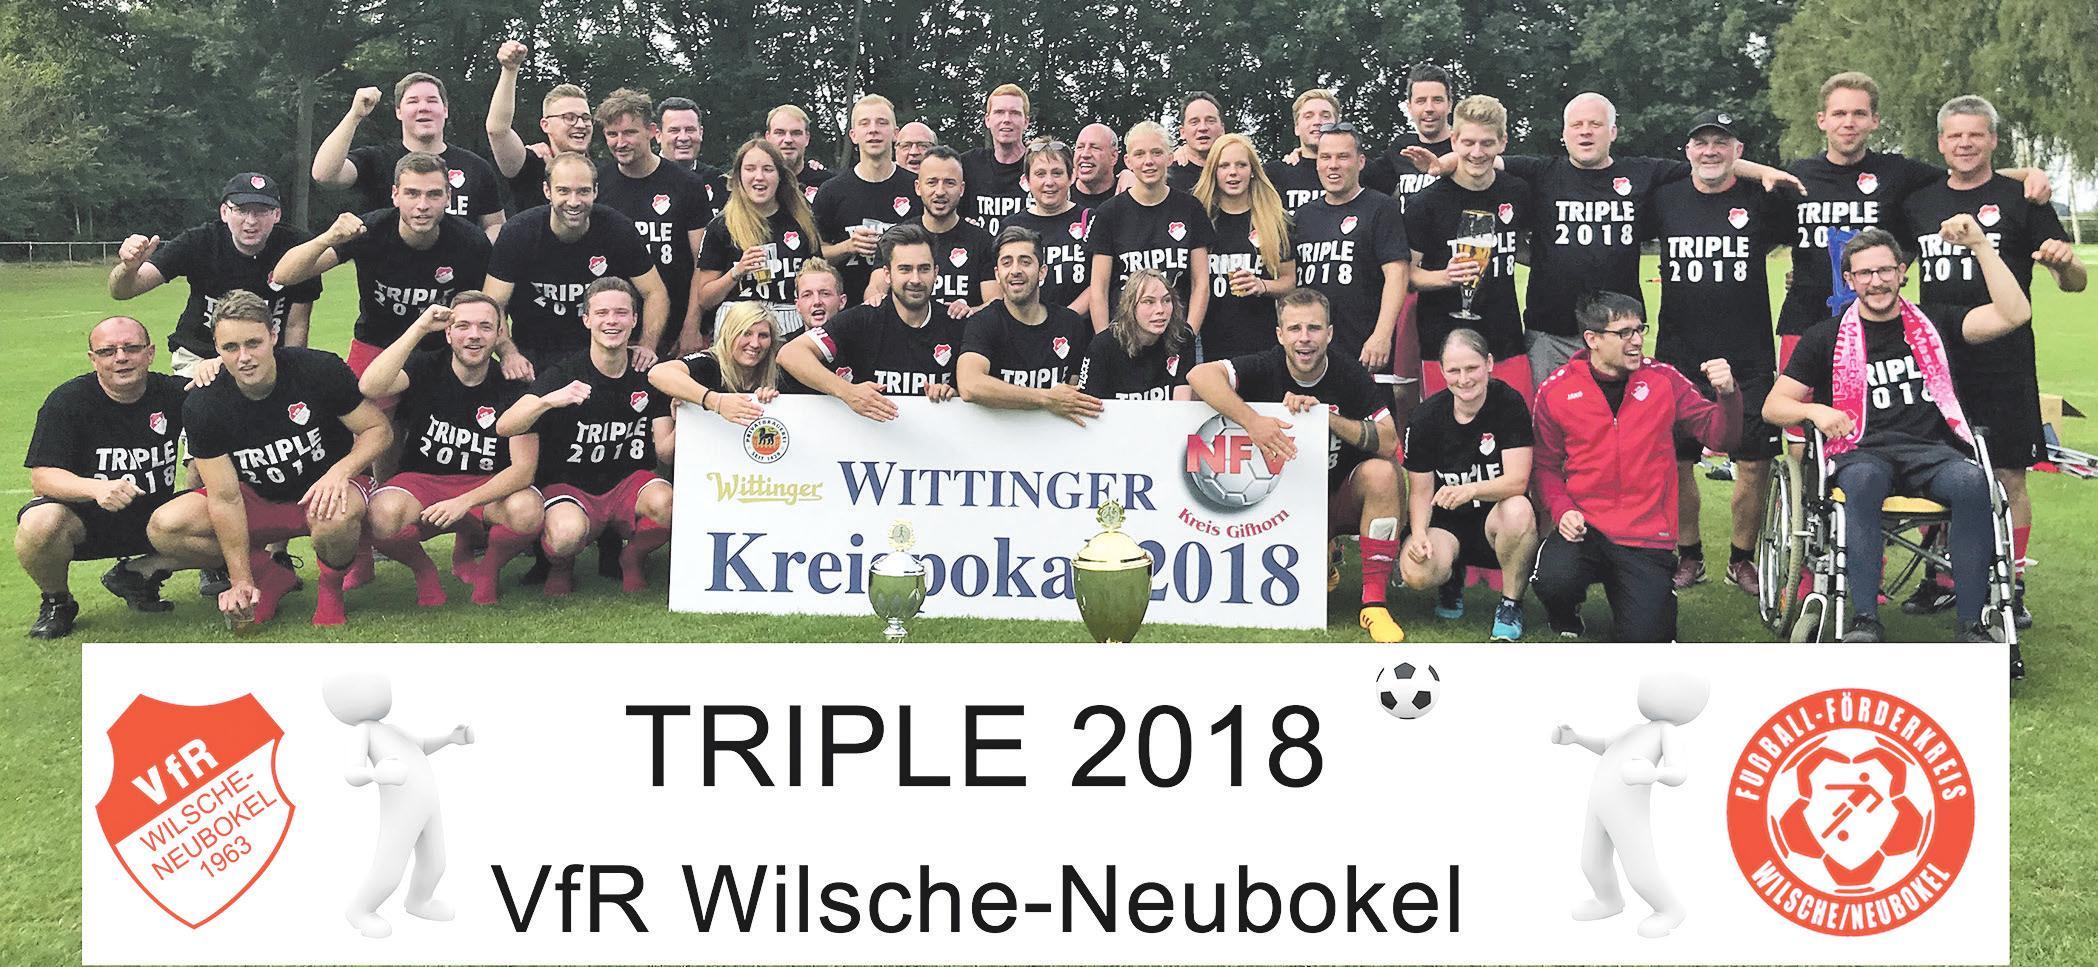 Kategorie Mannschaft/Erwachsene: 1. Herren und Team Frauen Fußball vom VfR Wilsche-Neubokel. 0137-988703018